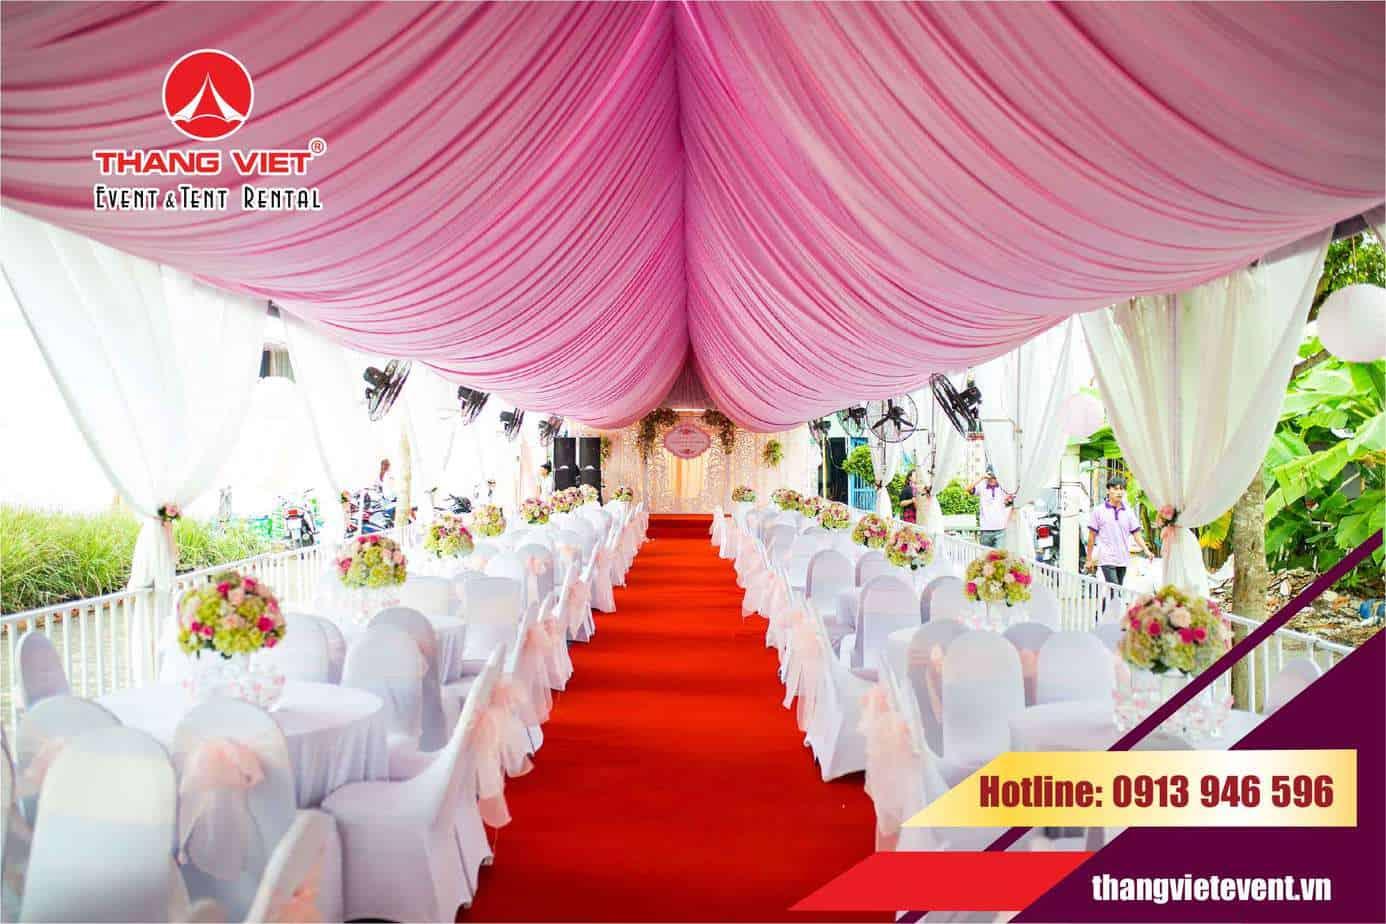 Top 10 Dịch Vụ Trang Trí Tiệc Cưới Đẹp, Chất Lượng Và Nổi Tiếng Ở HCM - dịch vụ trang trí tiệc cưới - Áo Cưới Xinh Xinh   Cherry Wedding   Cưới Hỏi Trọn Gói 365 61